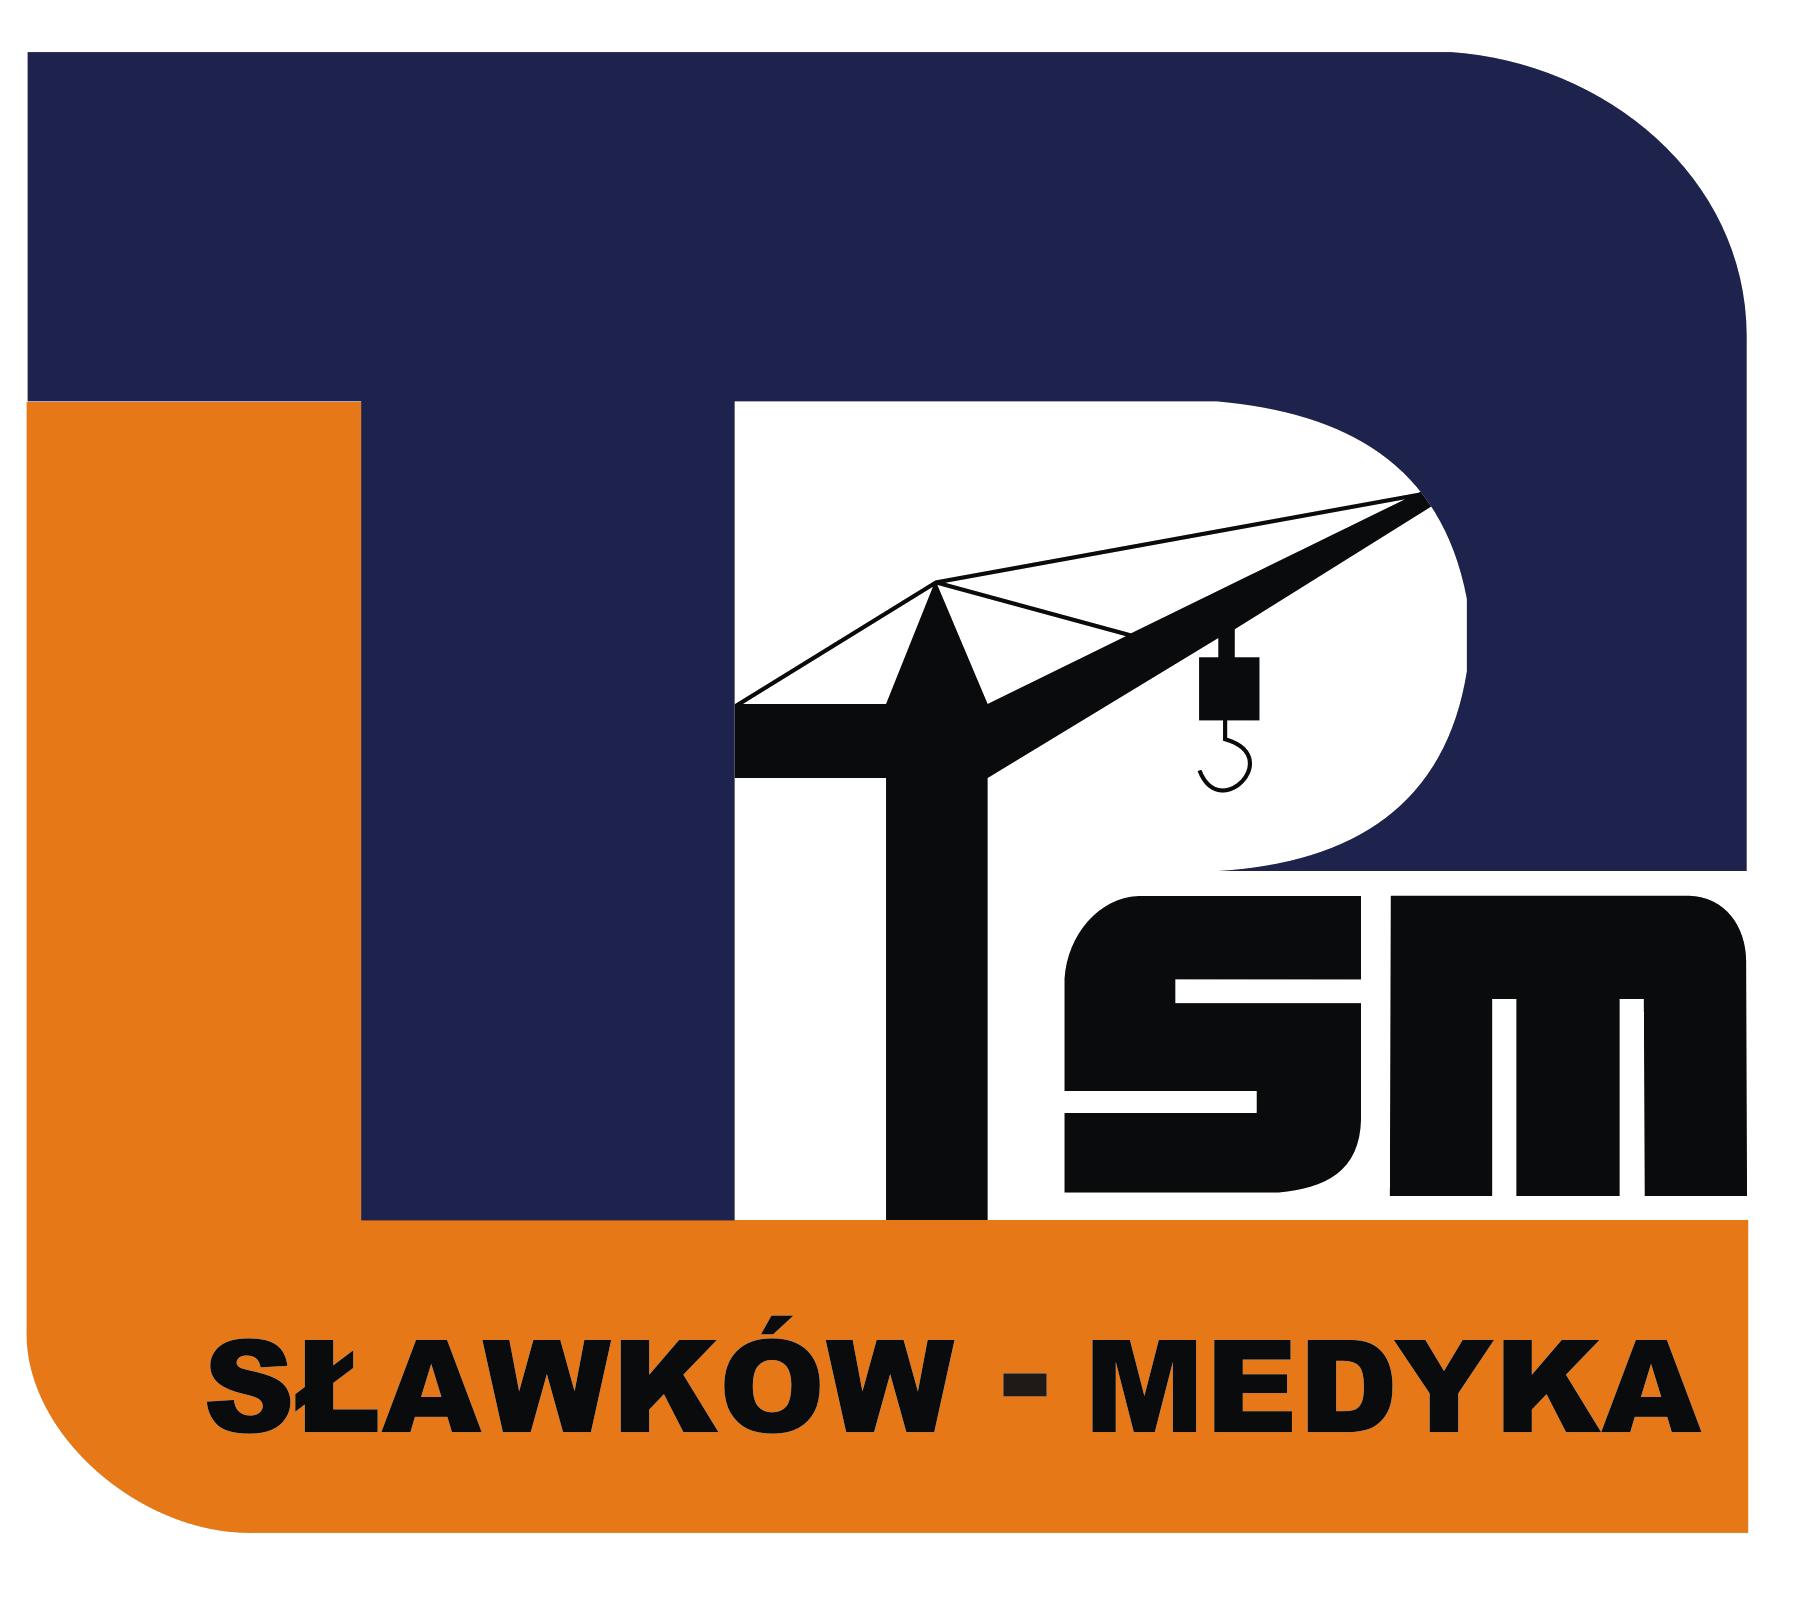 Terminale Przeładunkowe Sławków-Medyka